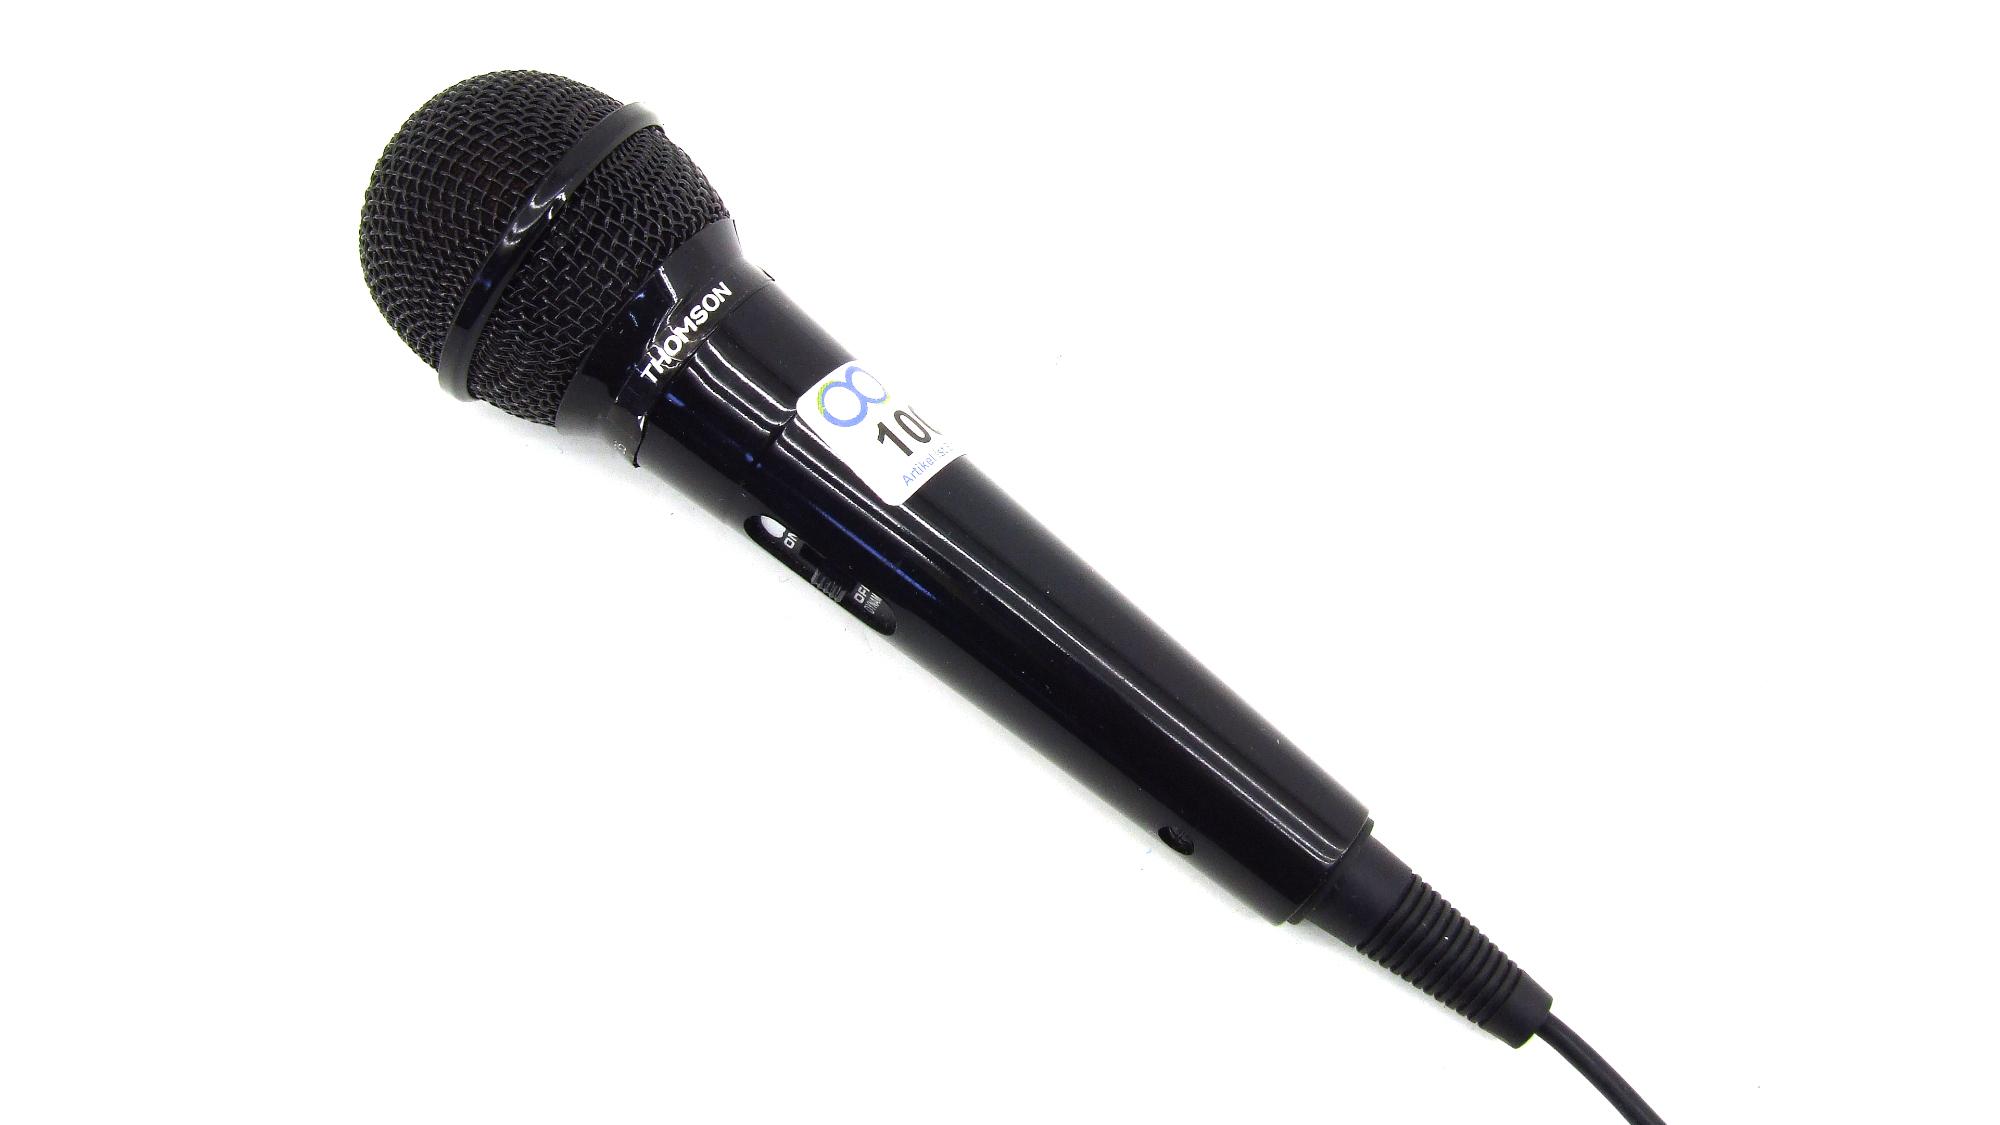 Zusatzmikrofon leihen